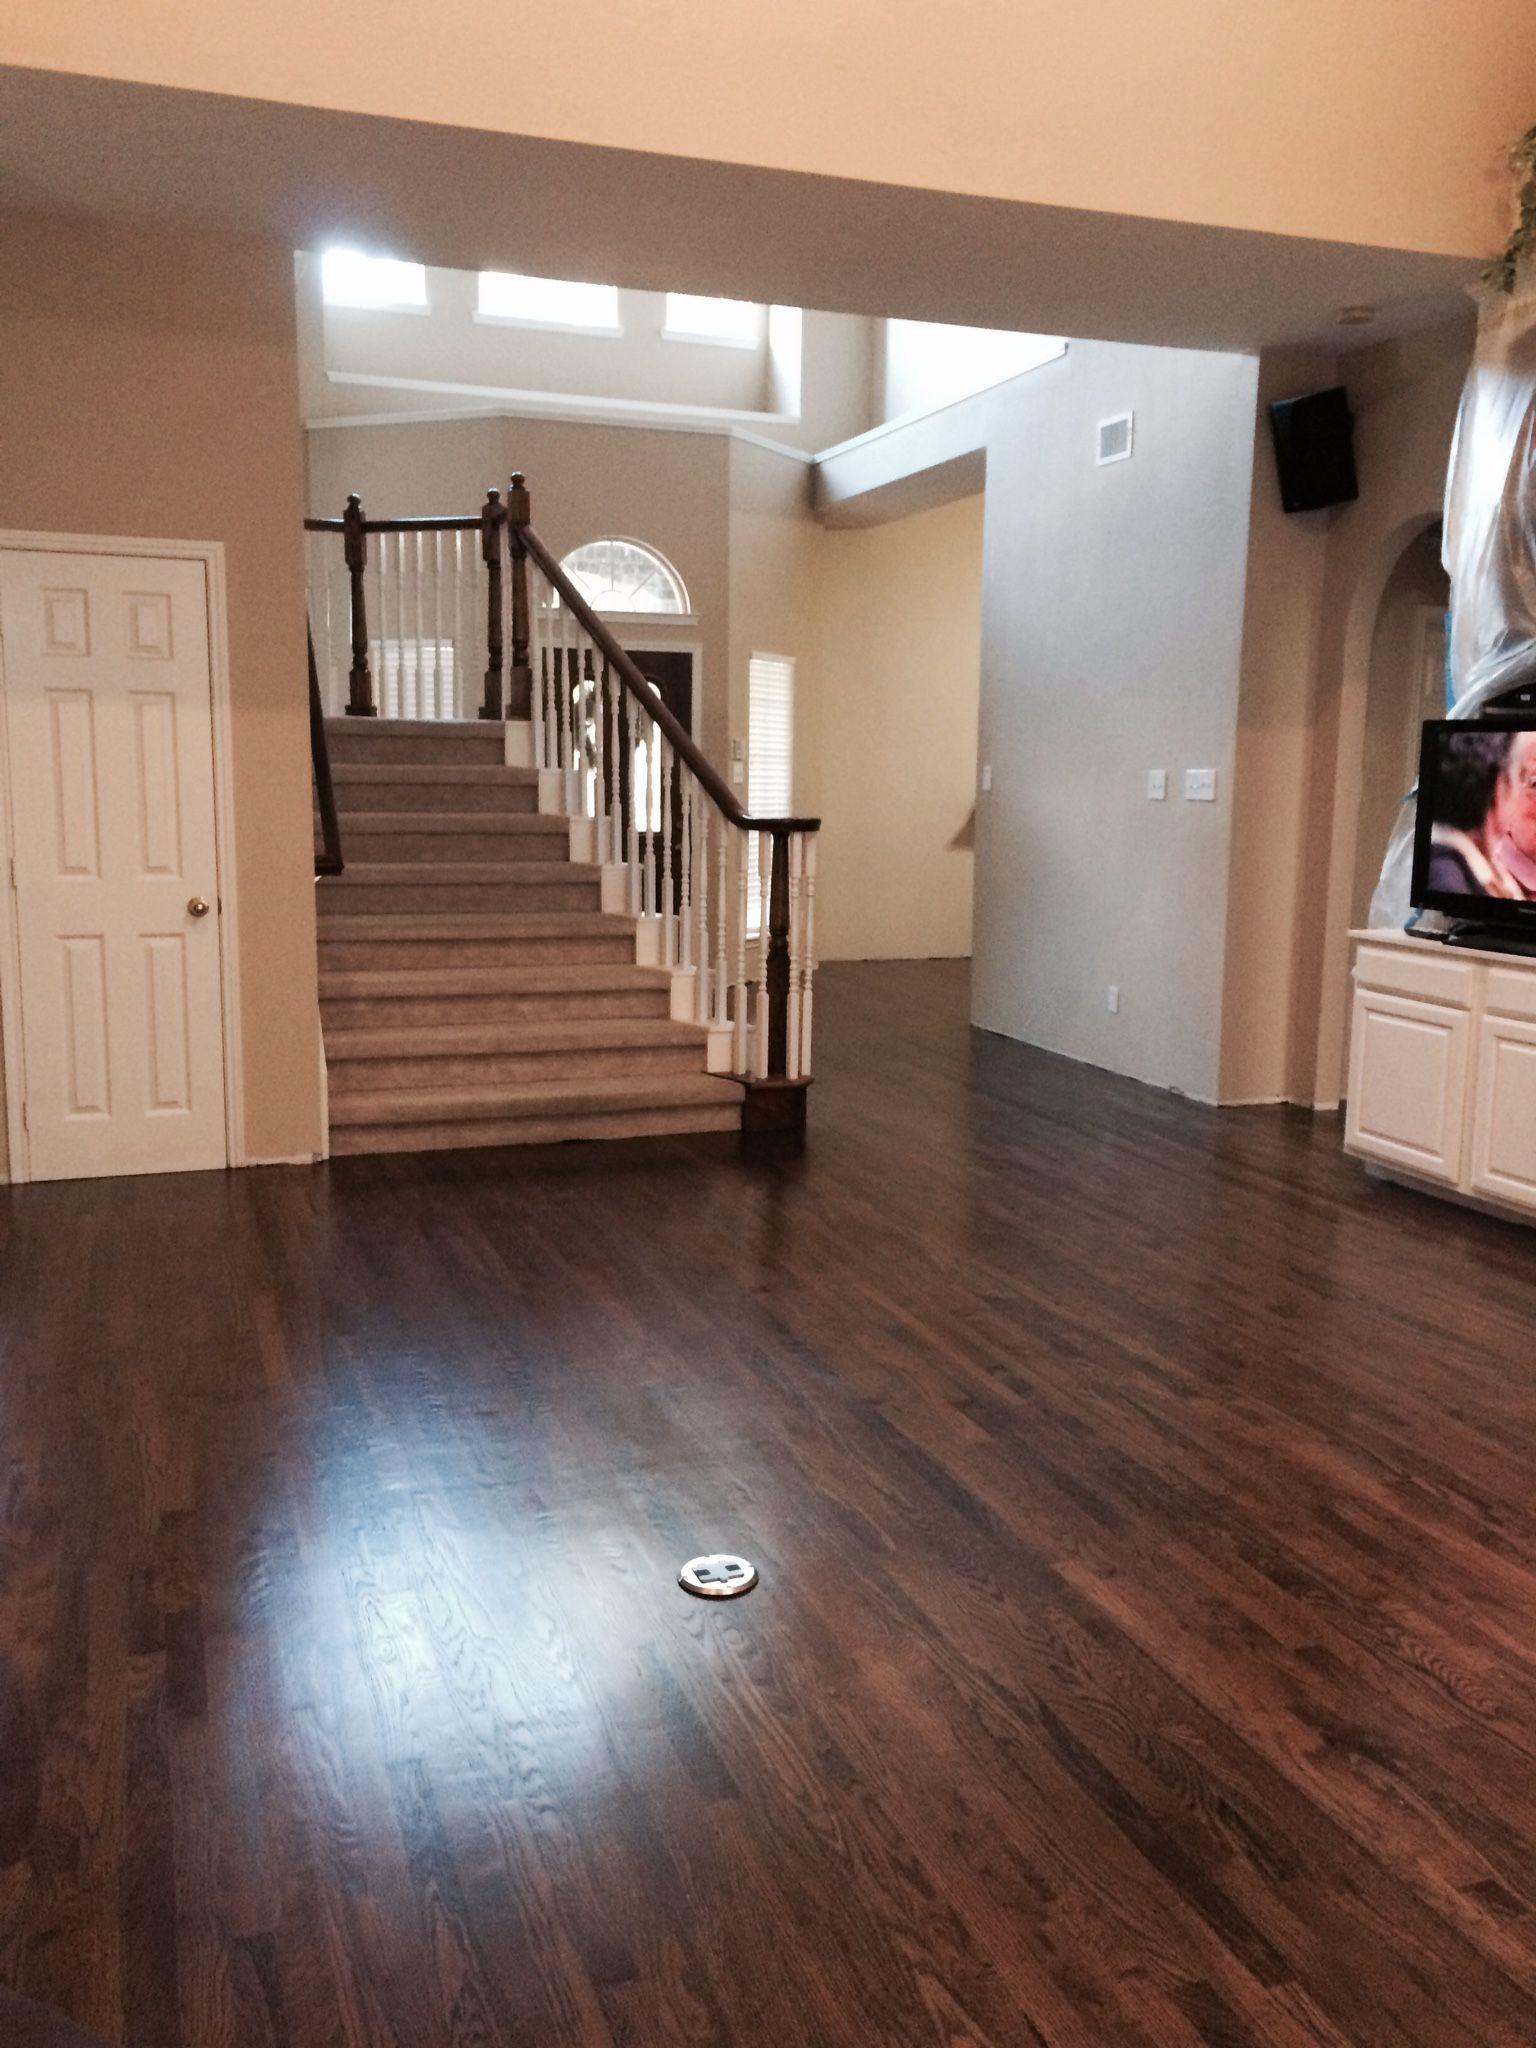 red oak hardwood flooring for sale of dark walnut stain on white oak hardwood remodel 1floors in 2018 throughout dark walnut stain on white oak hardwood walnut hardwood flooring hardwood floor stain colors